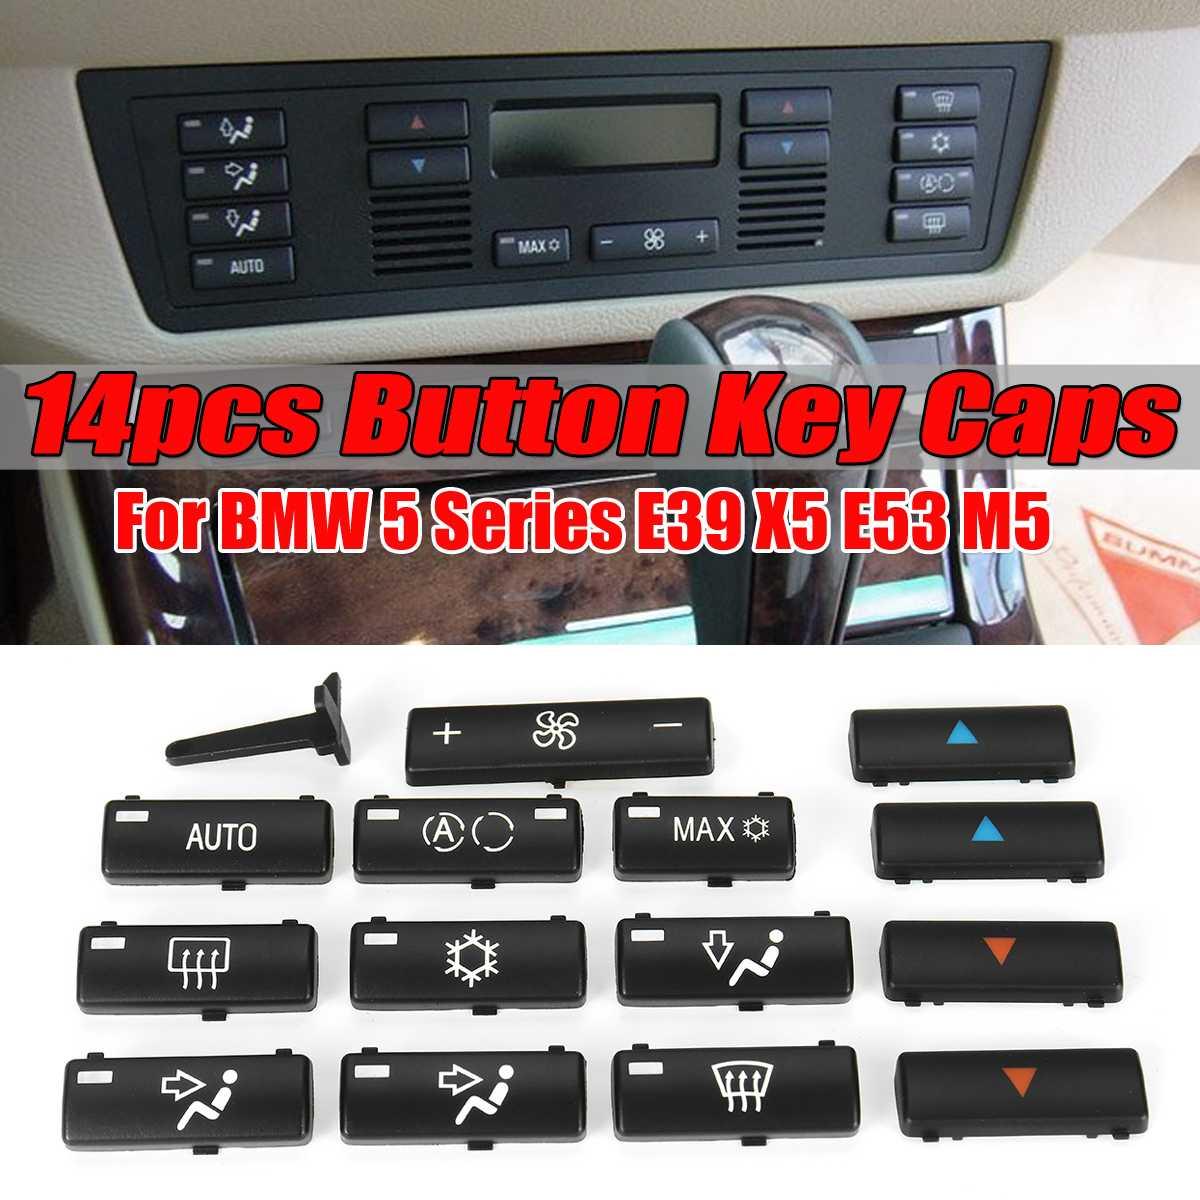 14 زر مفتاح قبعات استبدال المناخ أ/ج التحكم مفتاح لوحة التحكم أزرار مجموعة أغطية بلاستيك متعددة الألوان والأحجام لسيارات BMW E39 E53 525i 530i 540i M5 X5